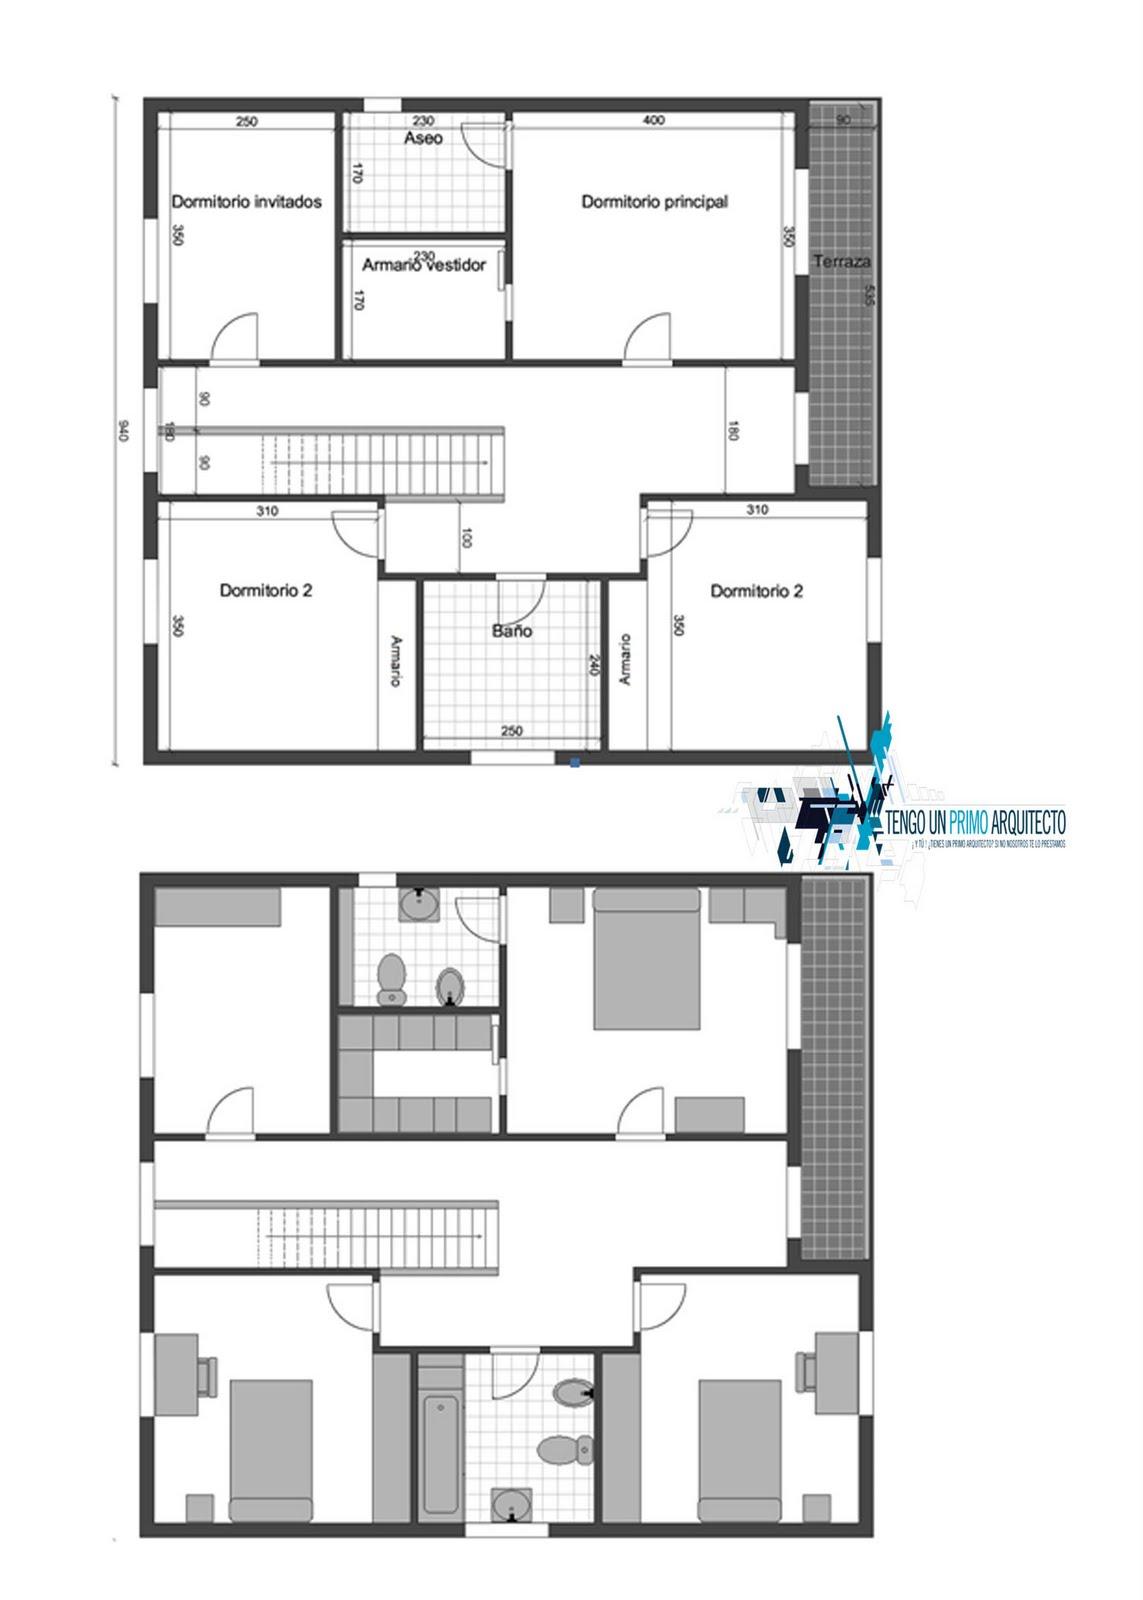 Baño Vestidor Planta:Tengounprimoarquitecto: planes para una futura construcción